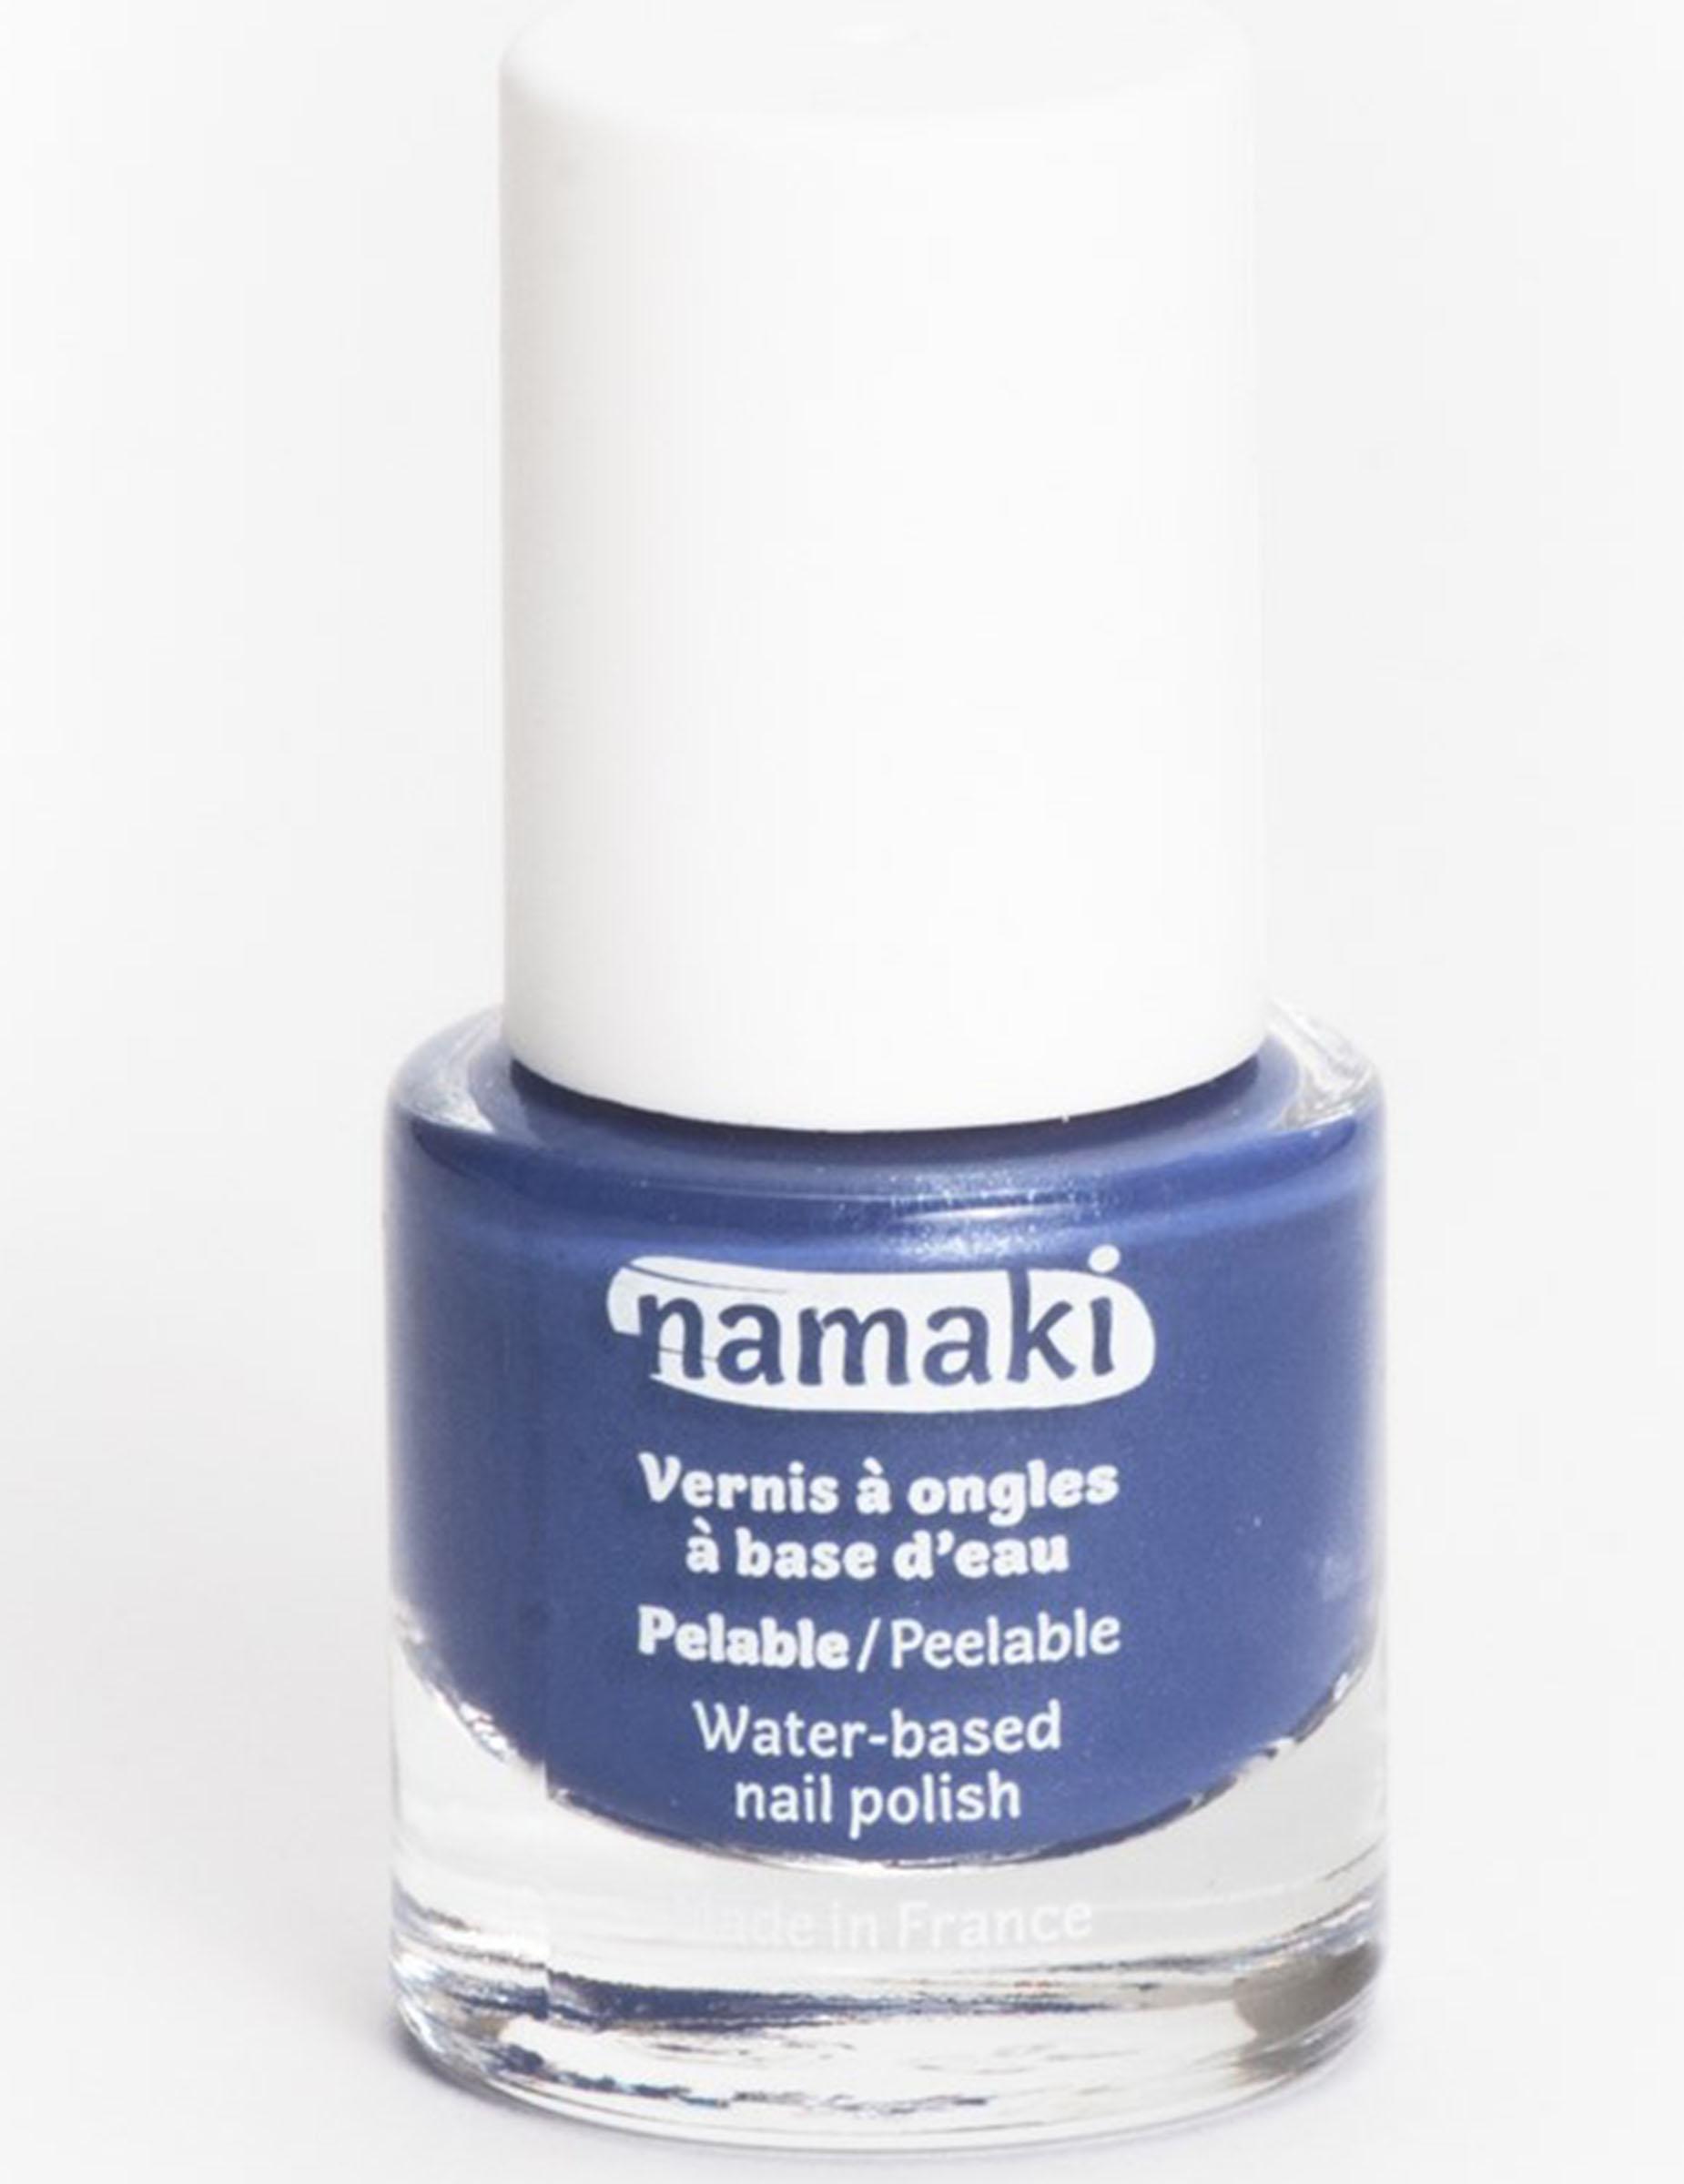 vernis ongles base eau pelable violet 7 5 ml namaki cosmetics achat de maquillage sur. Black Bedroom Furniture Sets. Home Design Ideas